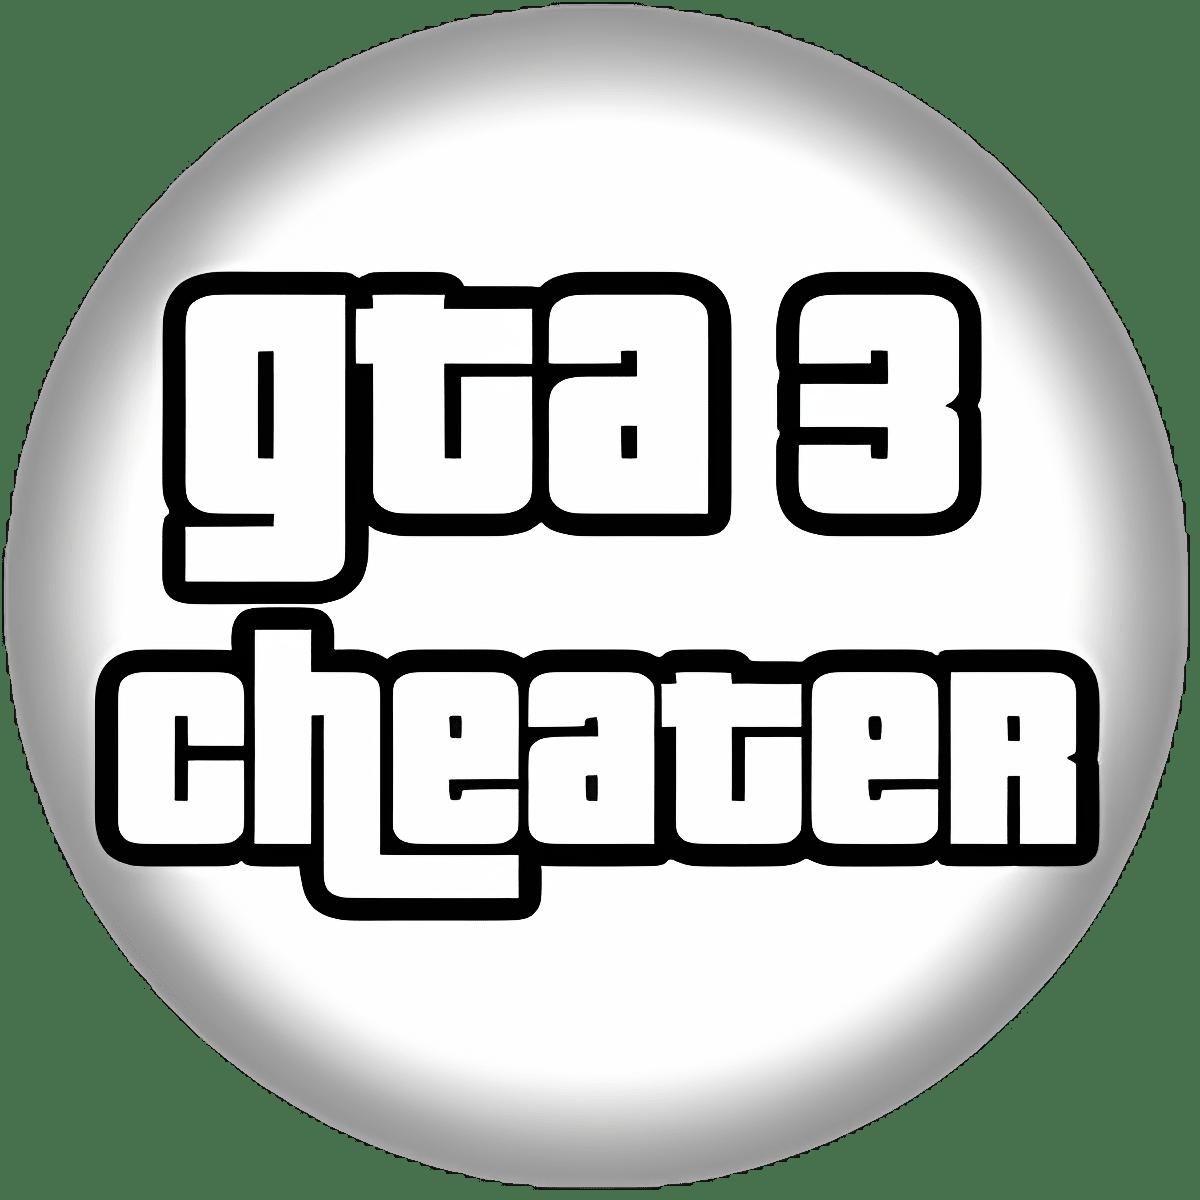 JCheater: GTA III Edition